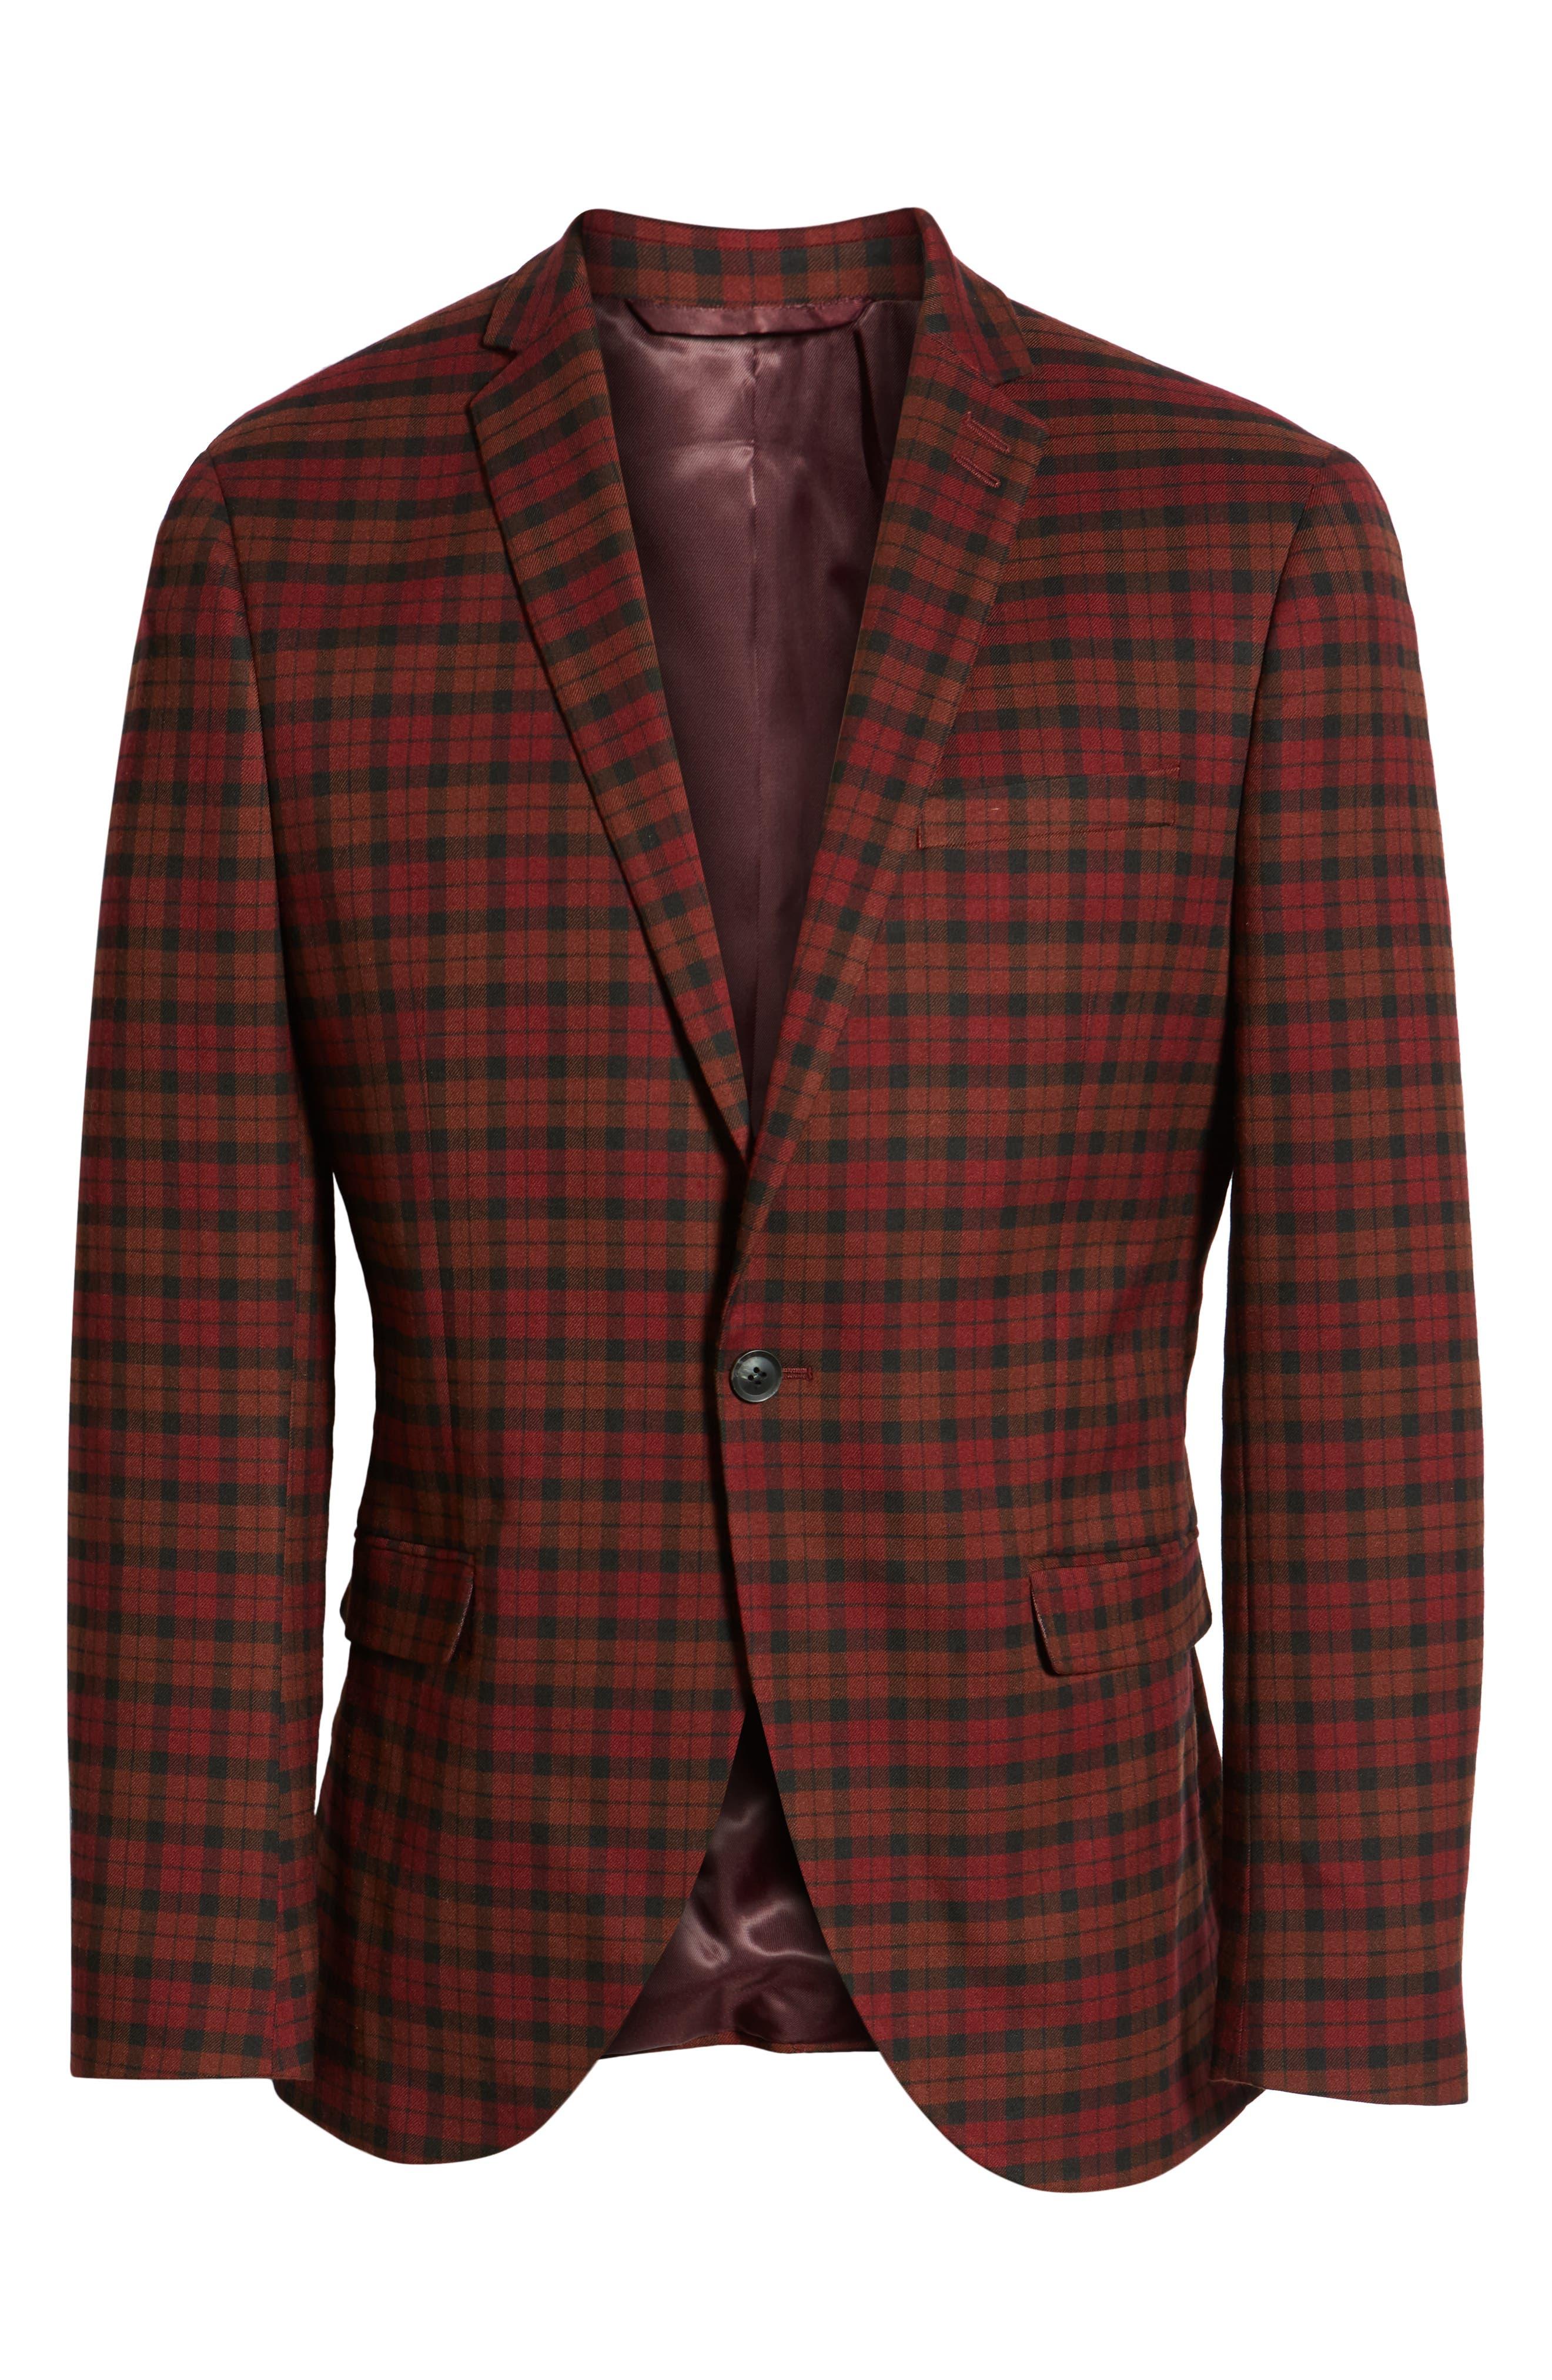 TOPMAN, Thorn Slim Fit Suit Jacket, Alternate thumbnail 6, color, 600